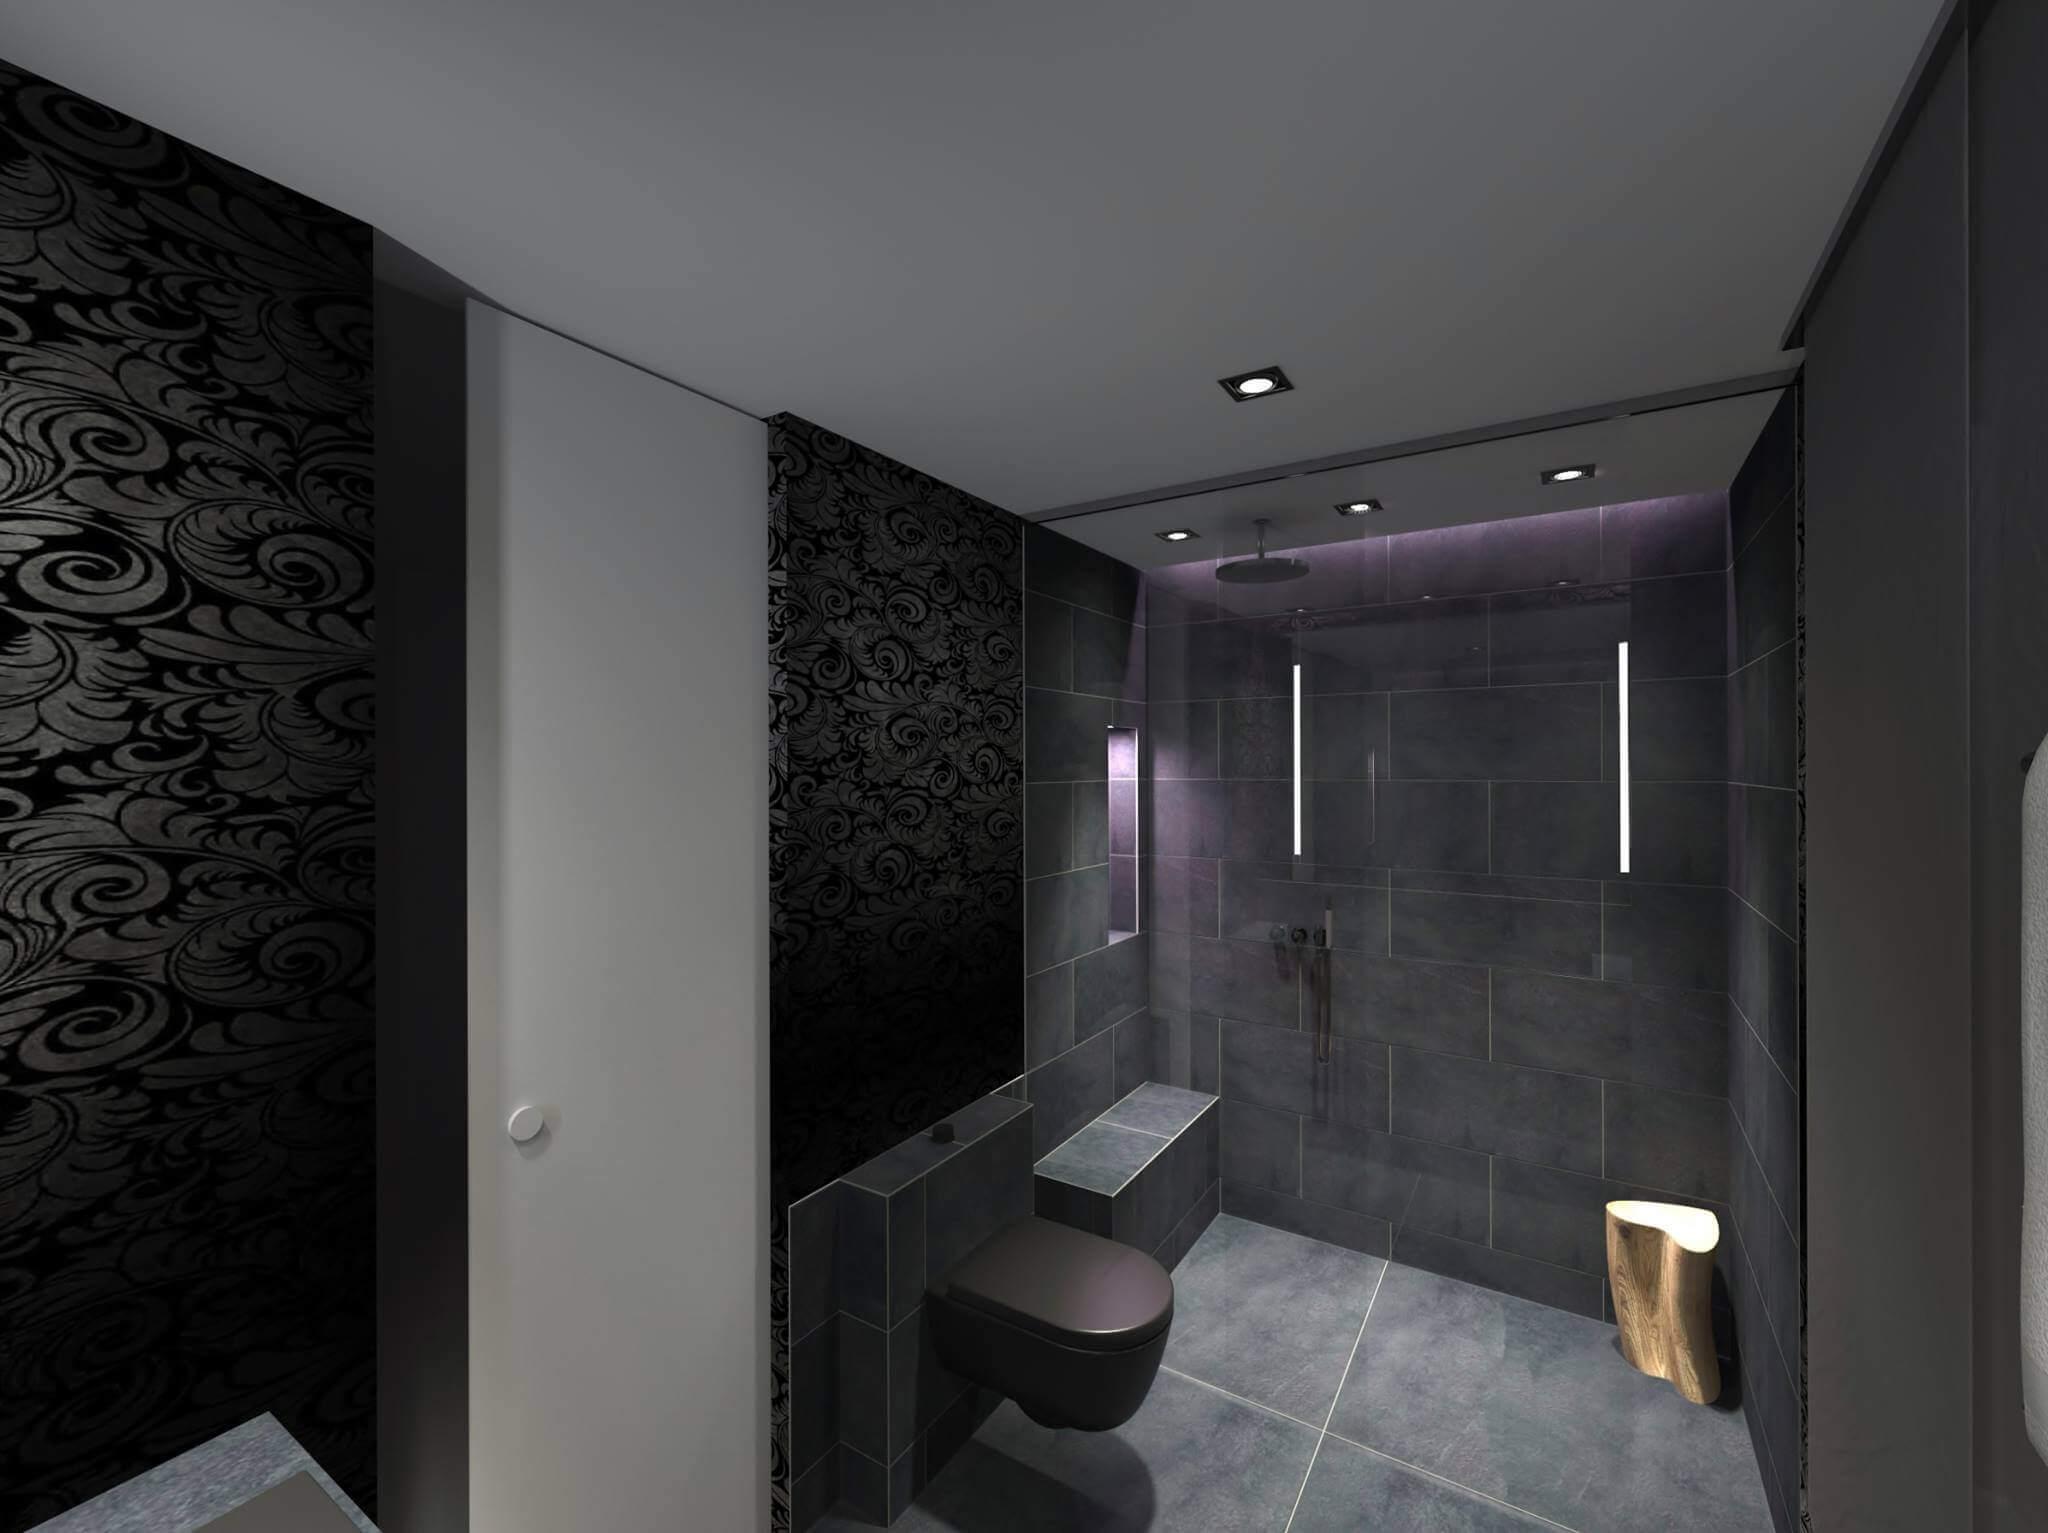 5 gute Gründe für ein Badezimmer in schwarz-weiß